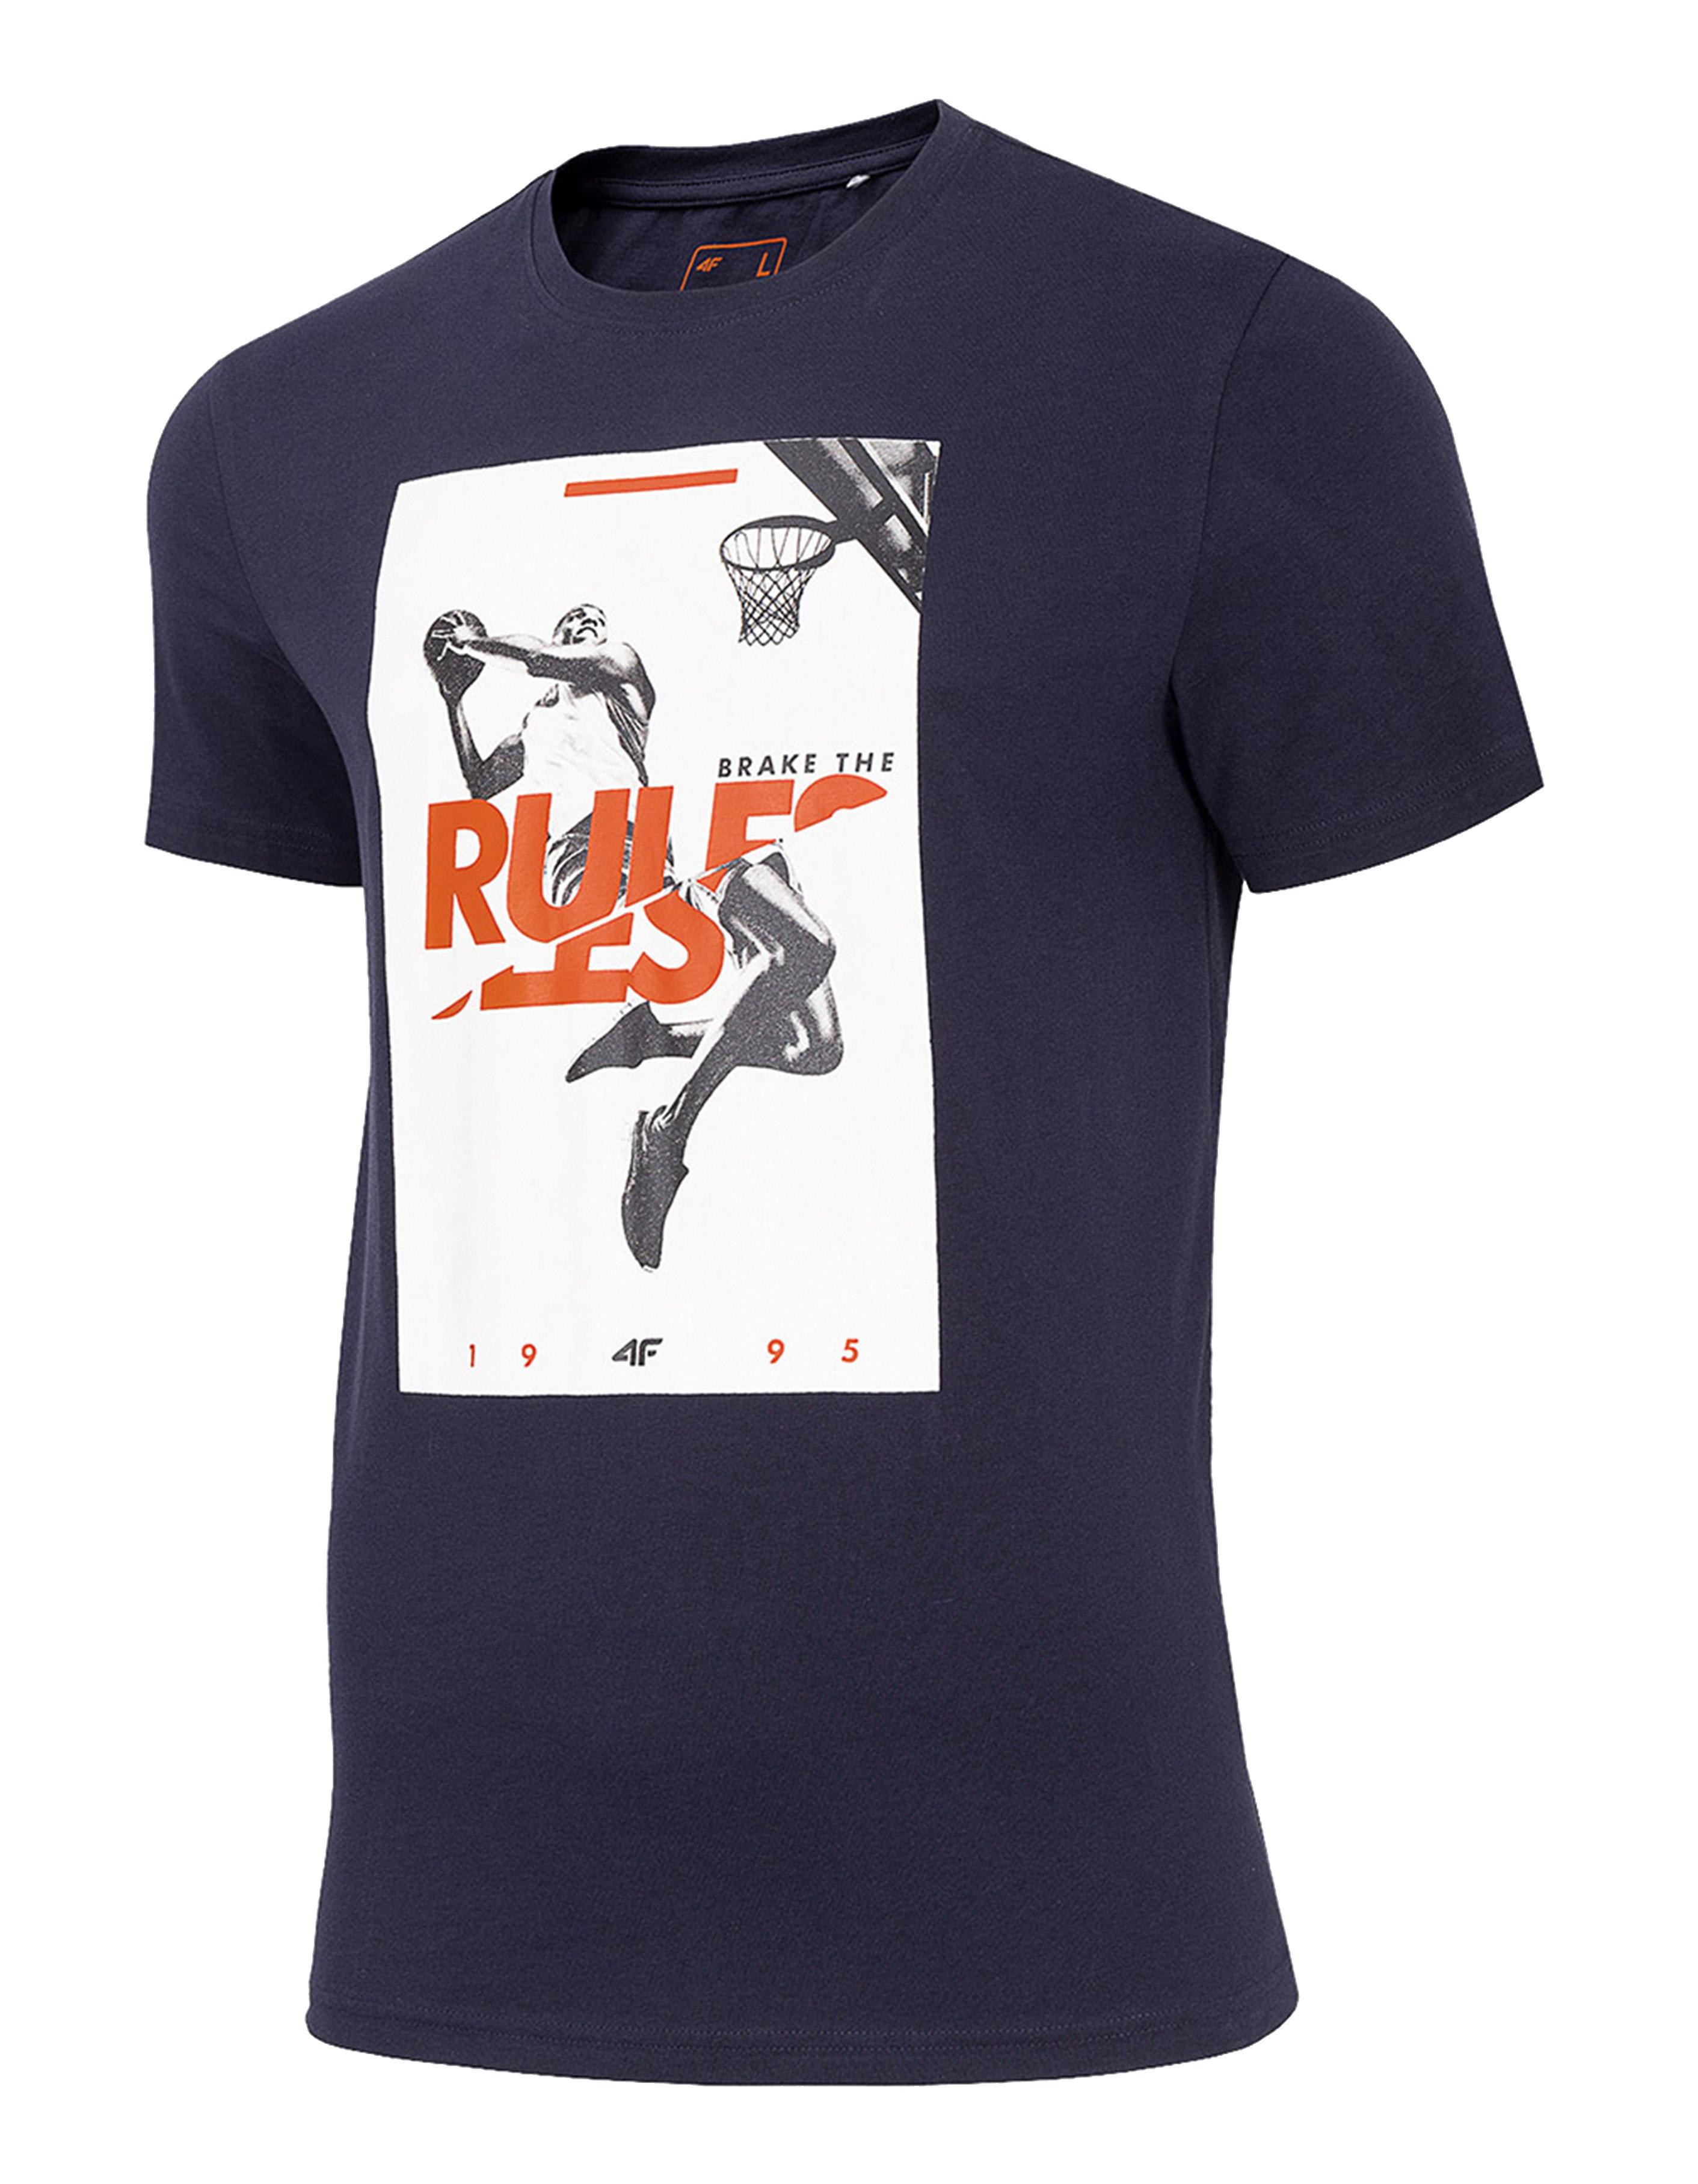 חולצת T פור אף לגברים 4F RULES - כחול כהה